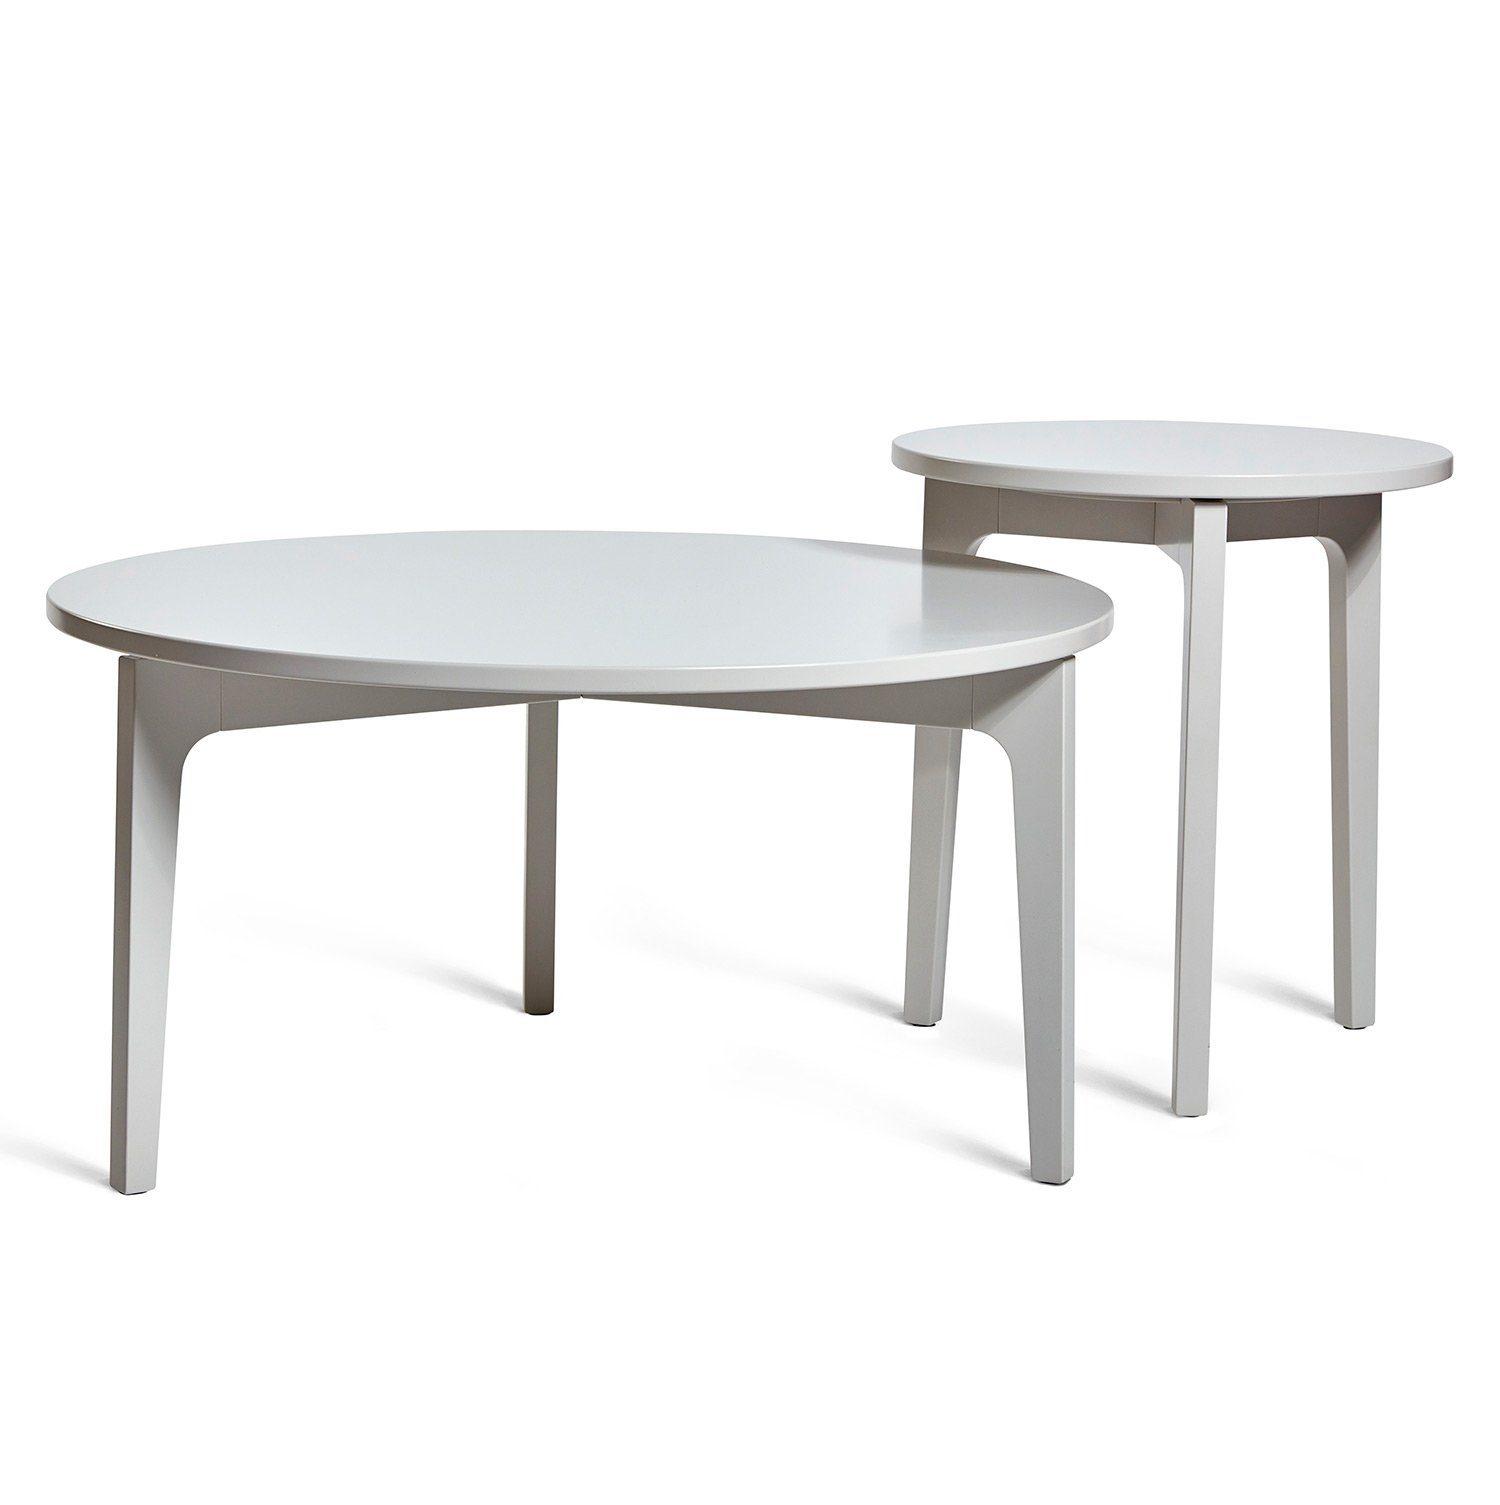 Höllviken soffbord och sidobord i ljusgrått från Mavis.